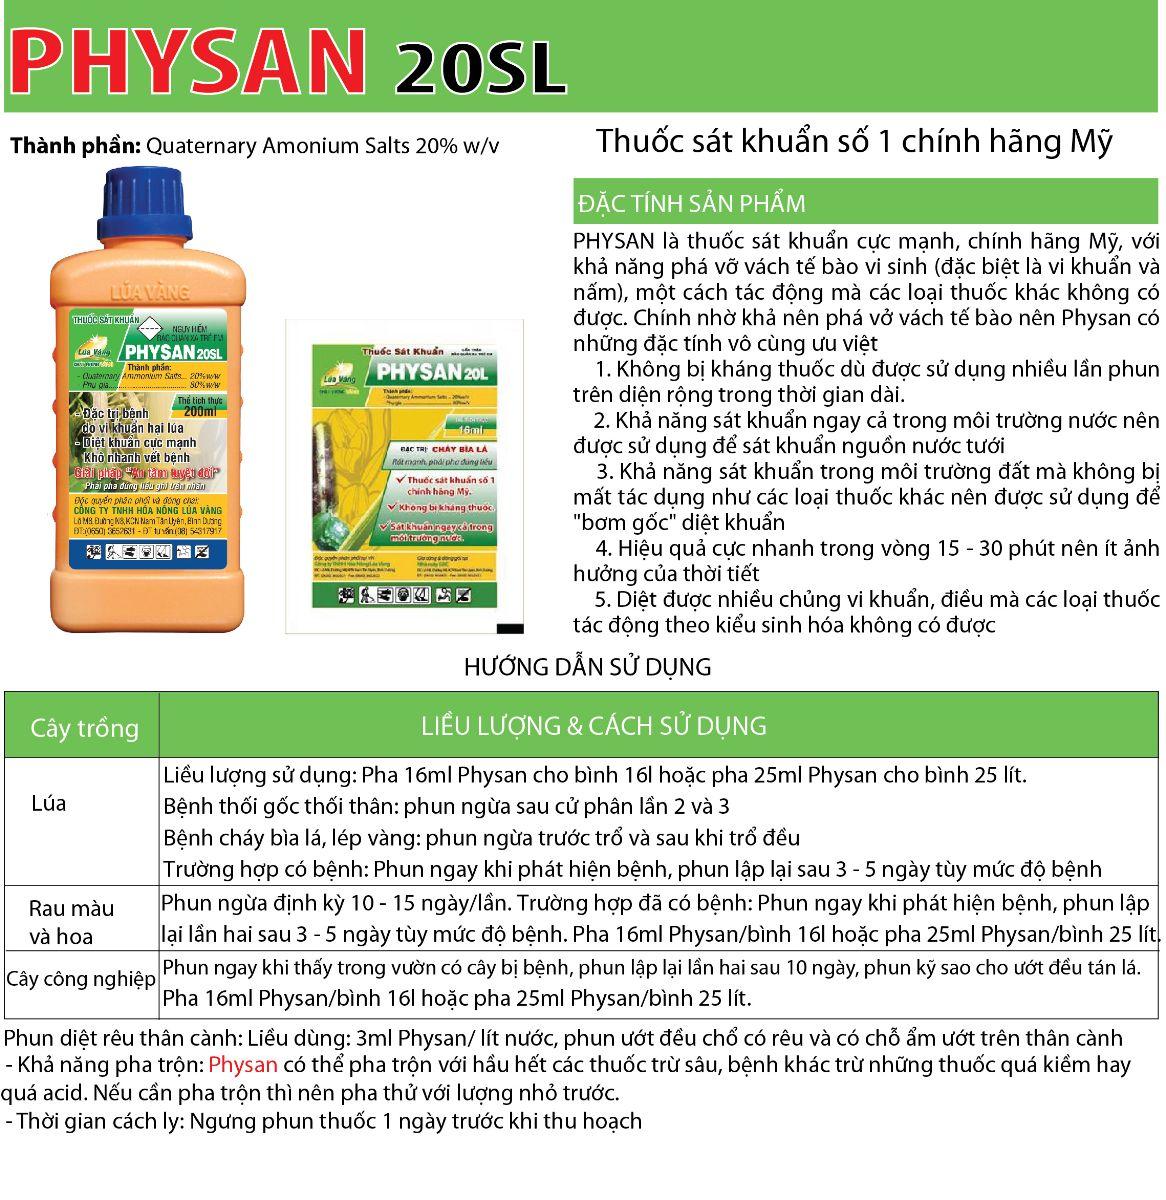 Thuốc sát khuẩn Physan 20SL